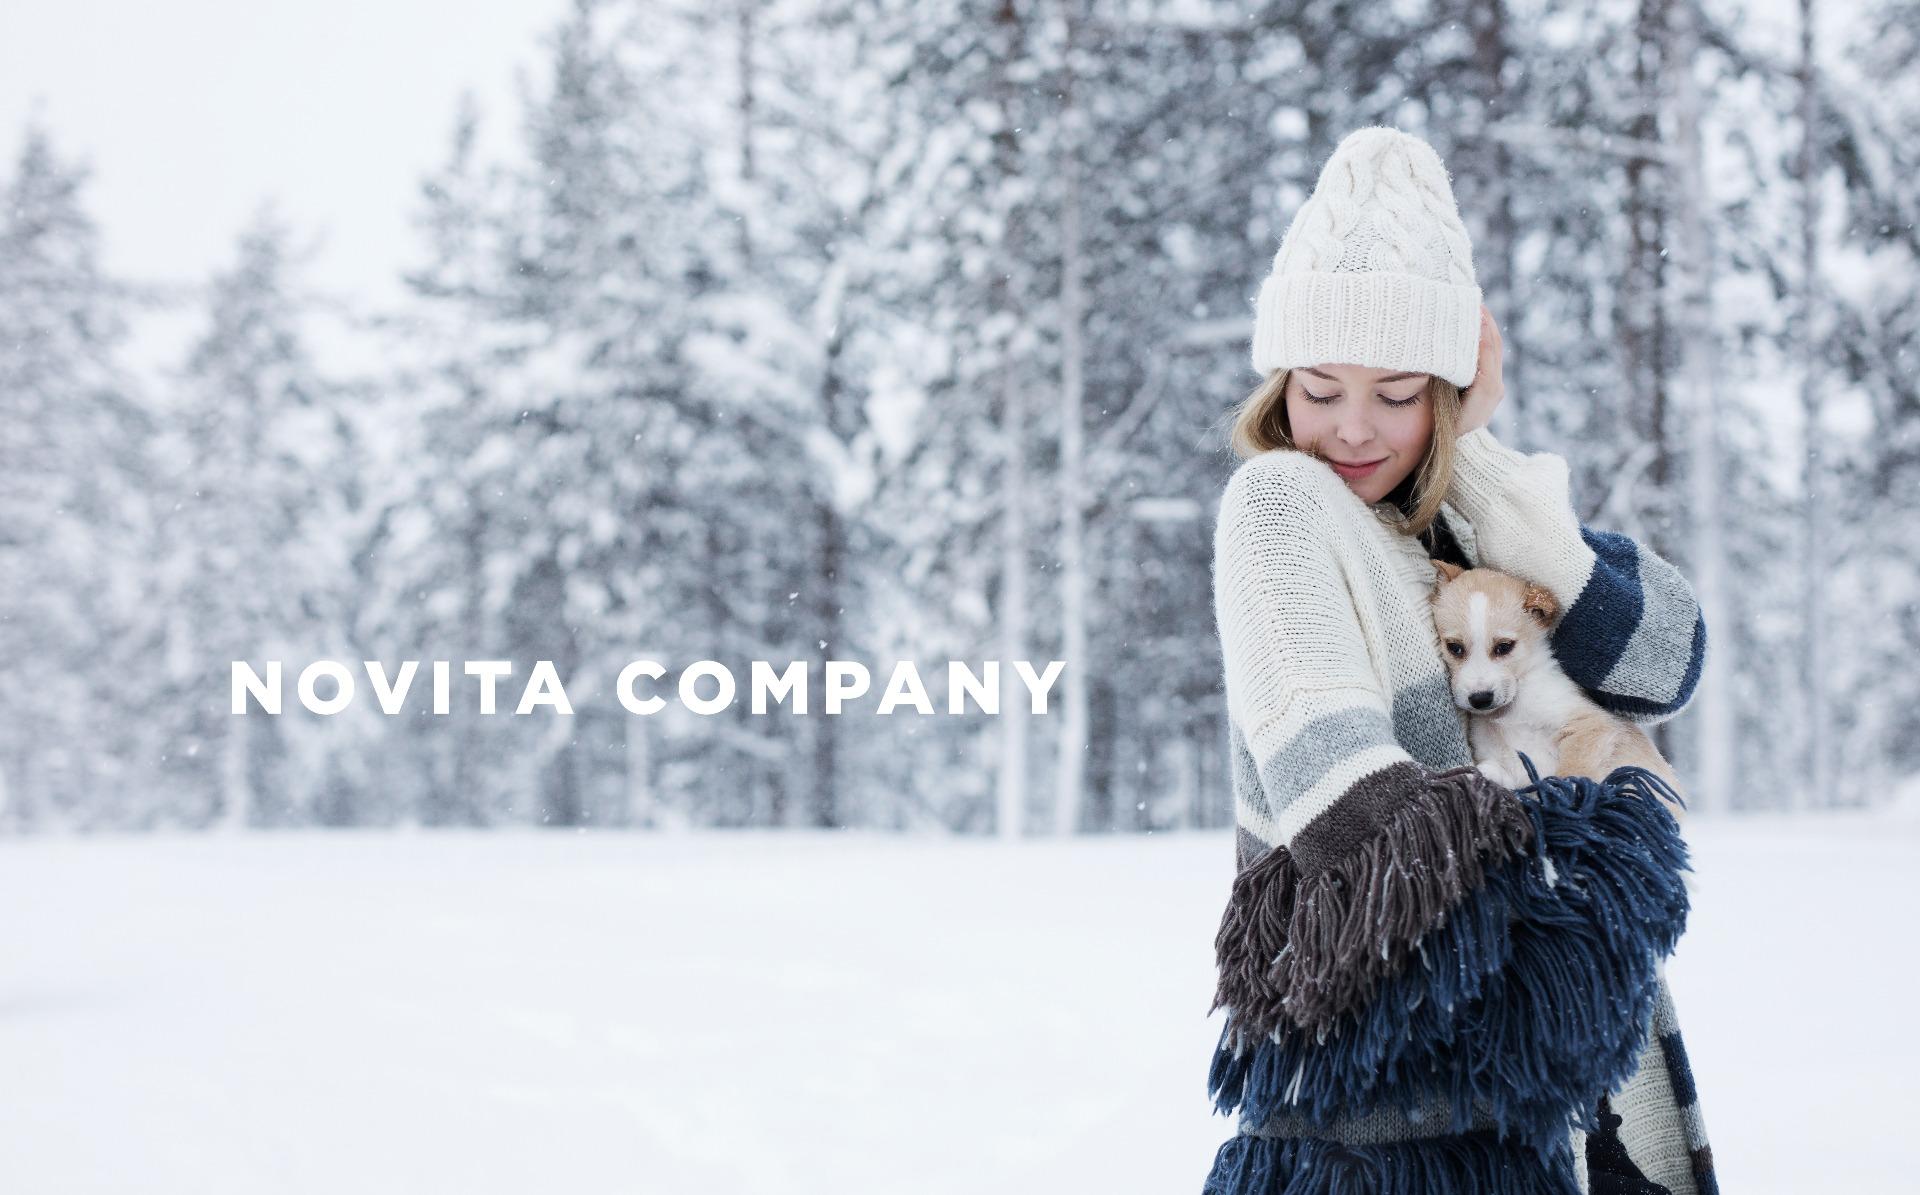 Novita_Company